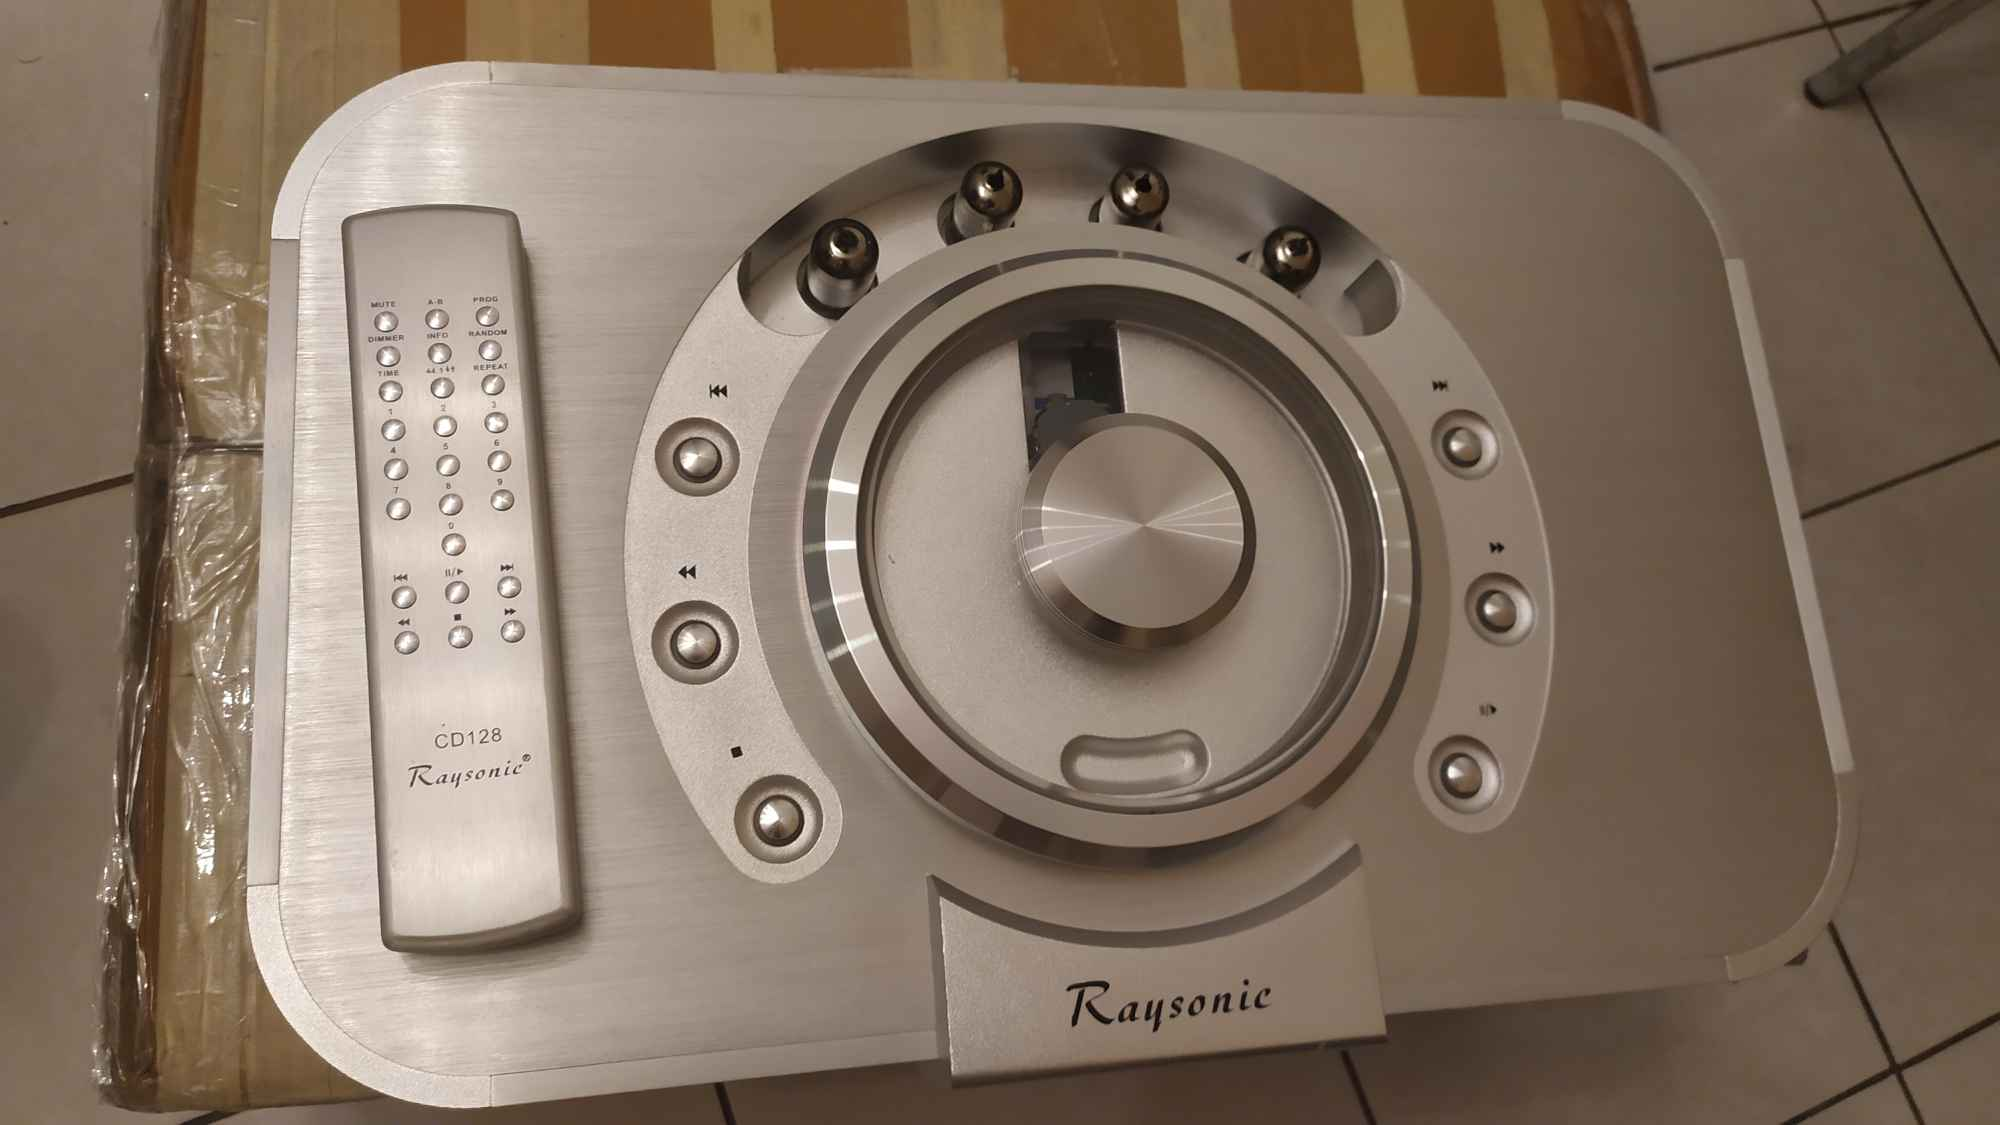 Raysonic cd128. Absolutny rarytas na rynku wtórnym. Lampowy. Kazimierza Wielka - zdjęcie 7